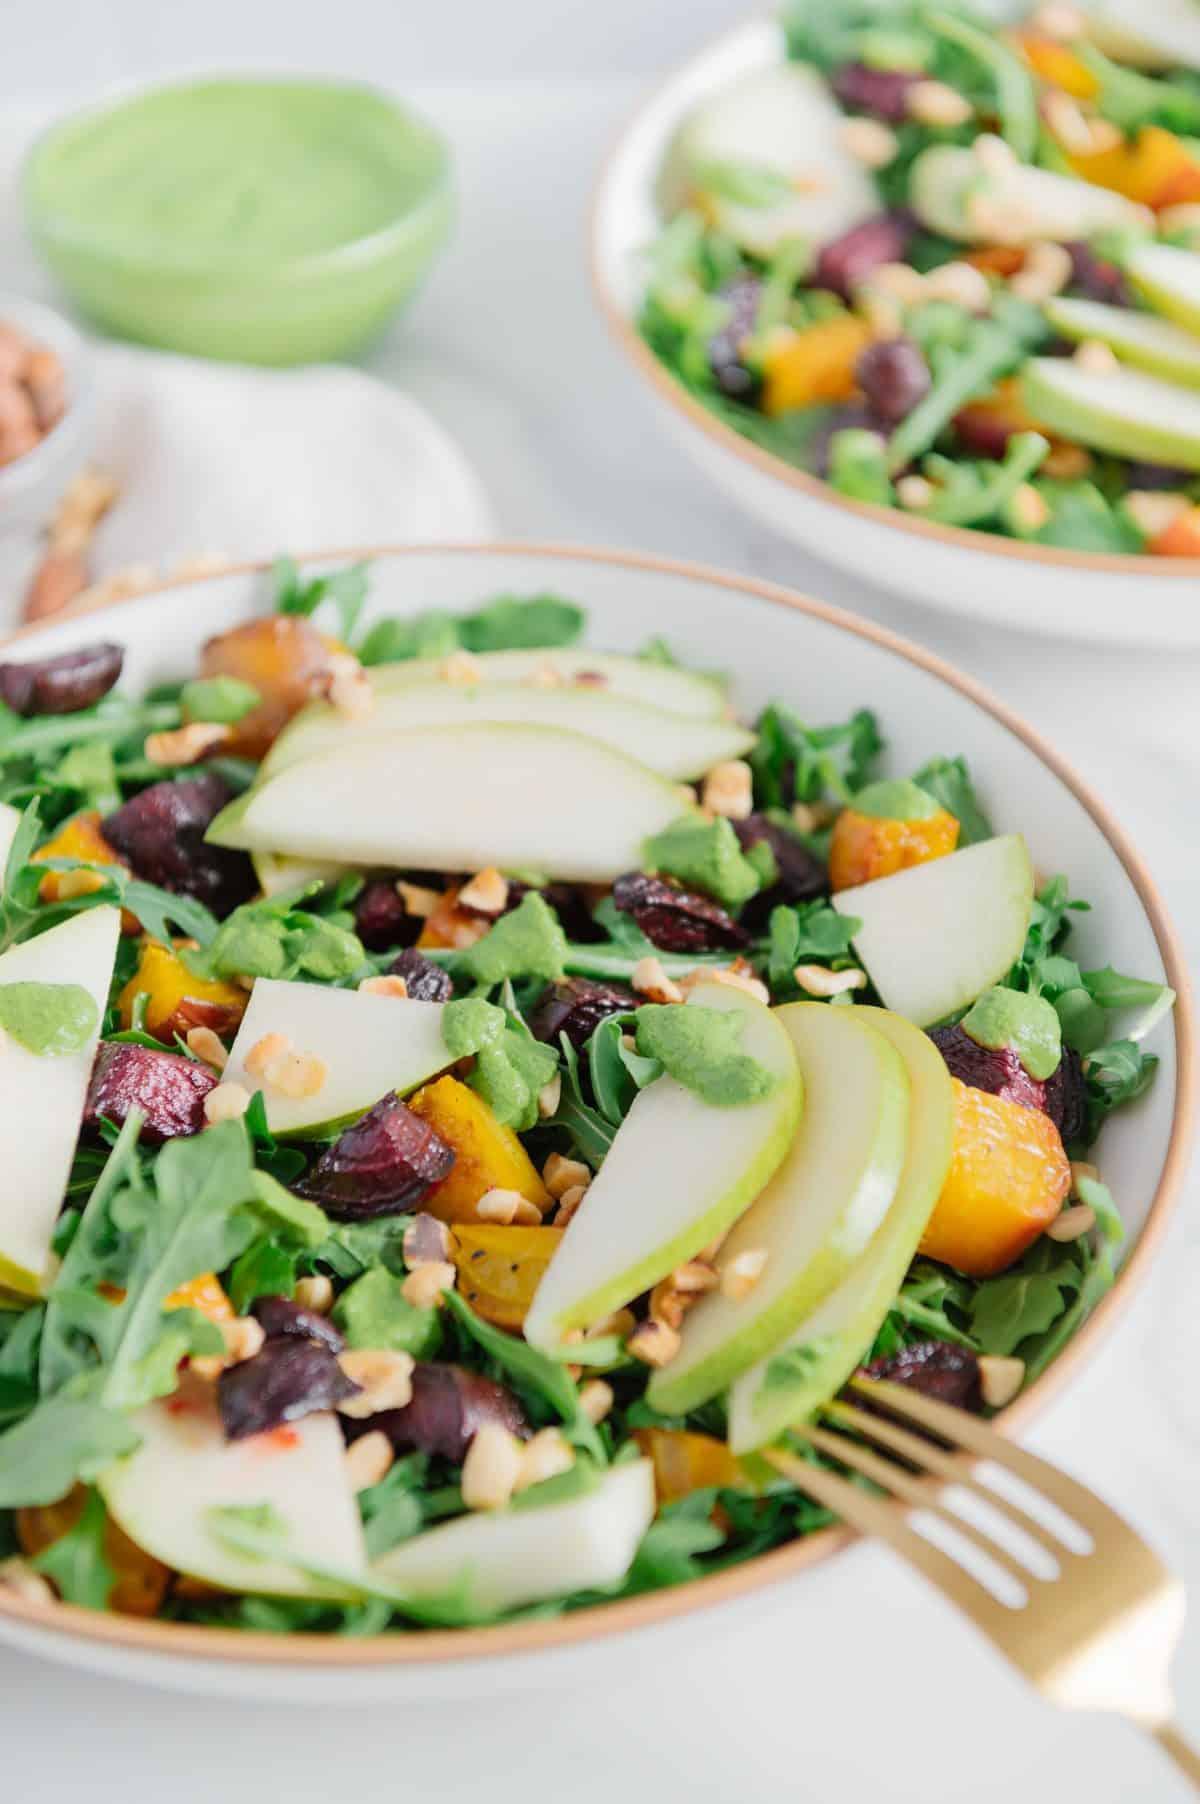 Salad with Hazelnuts